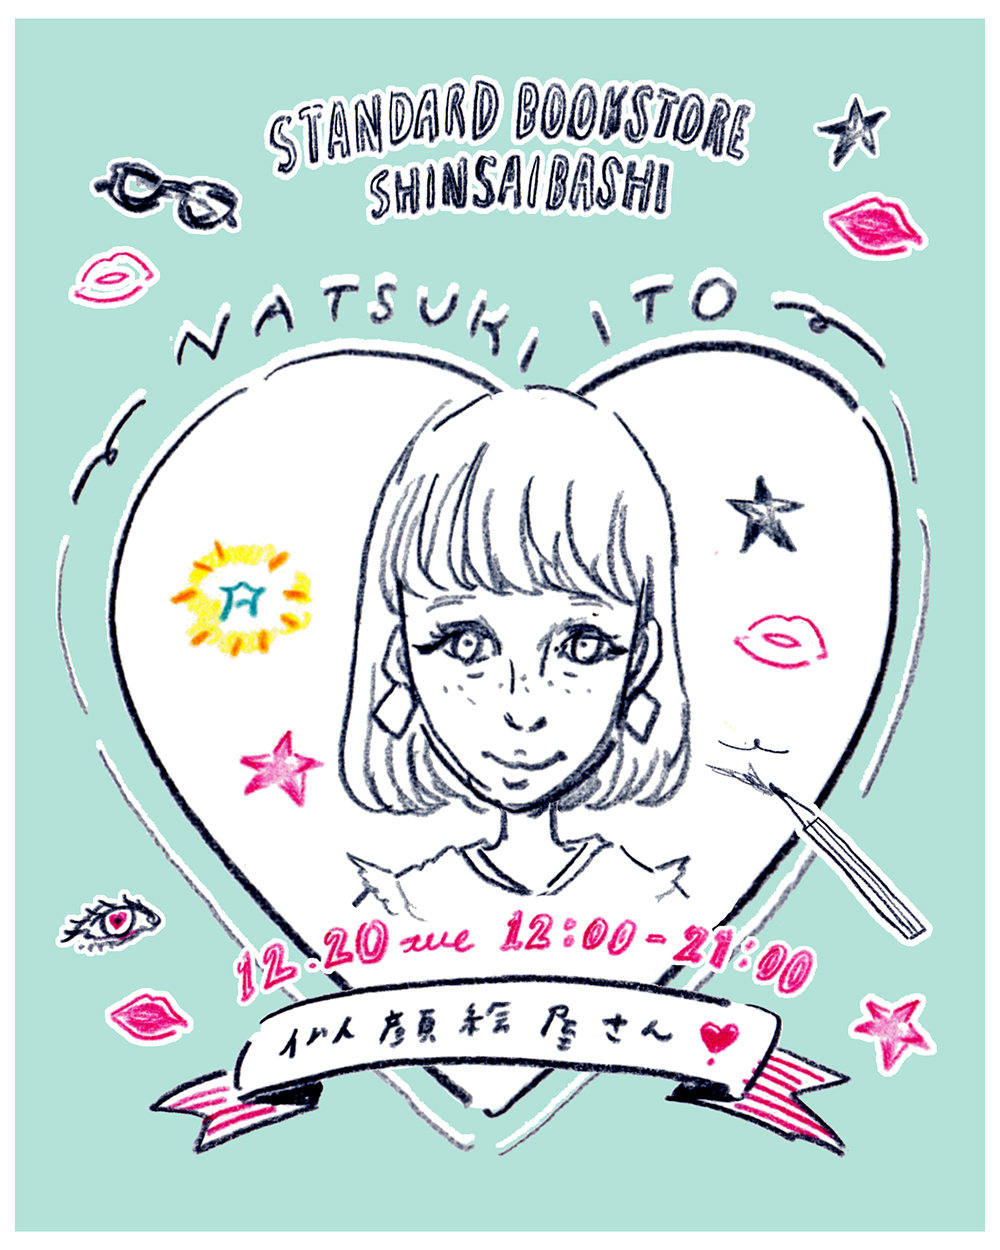 event(natsukiito)